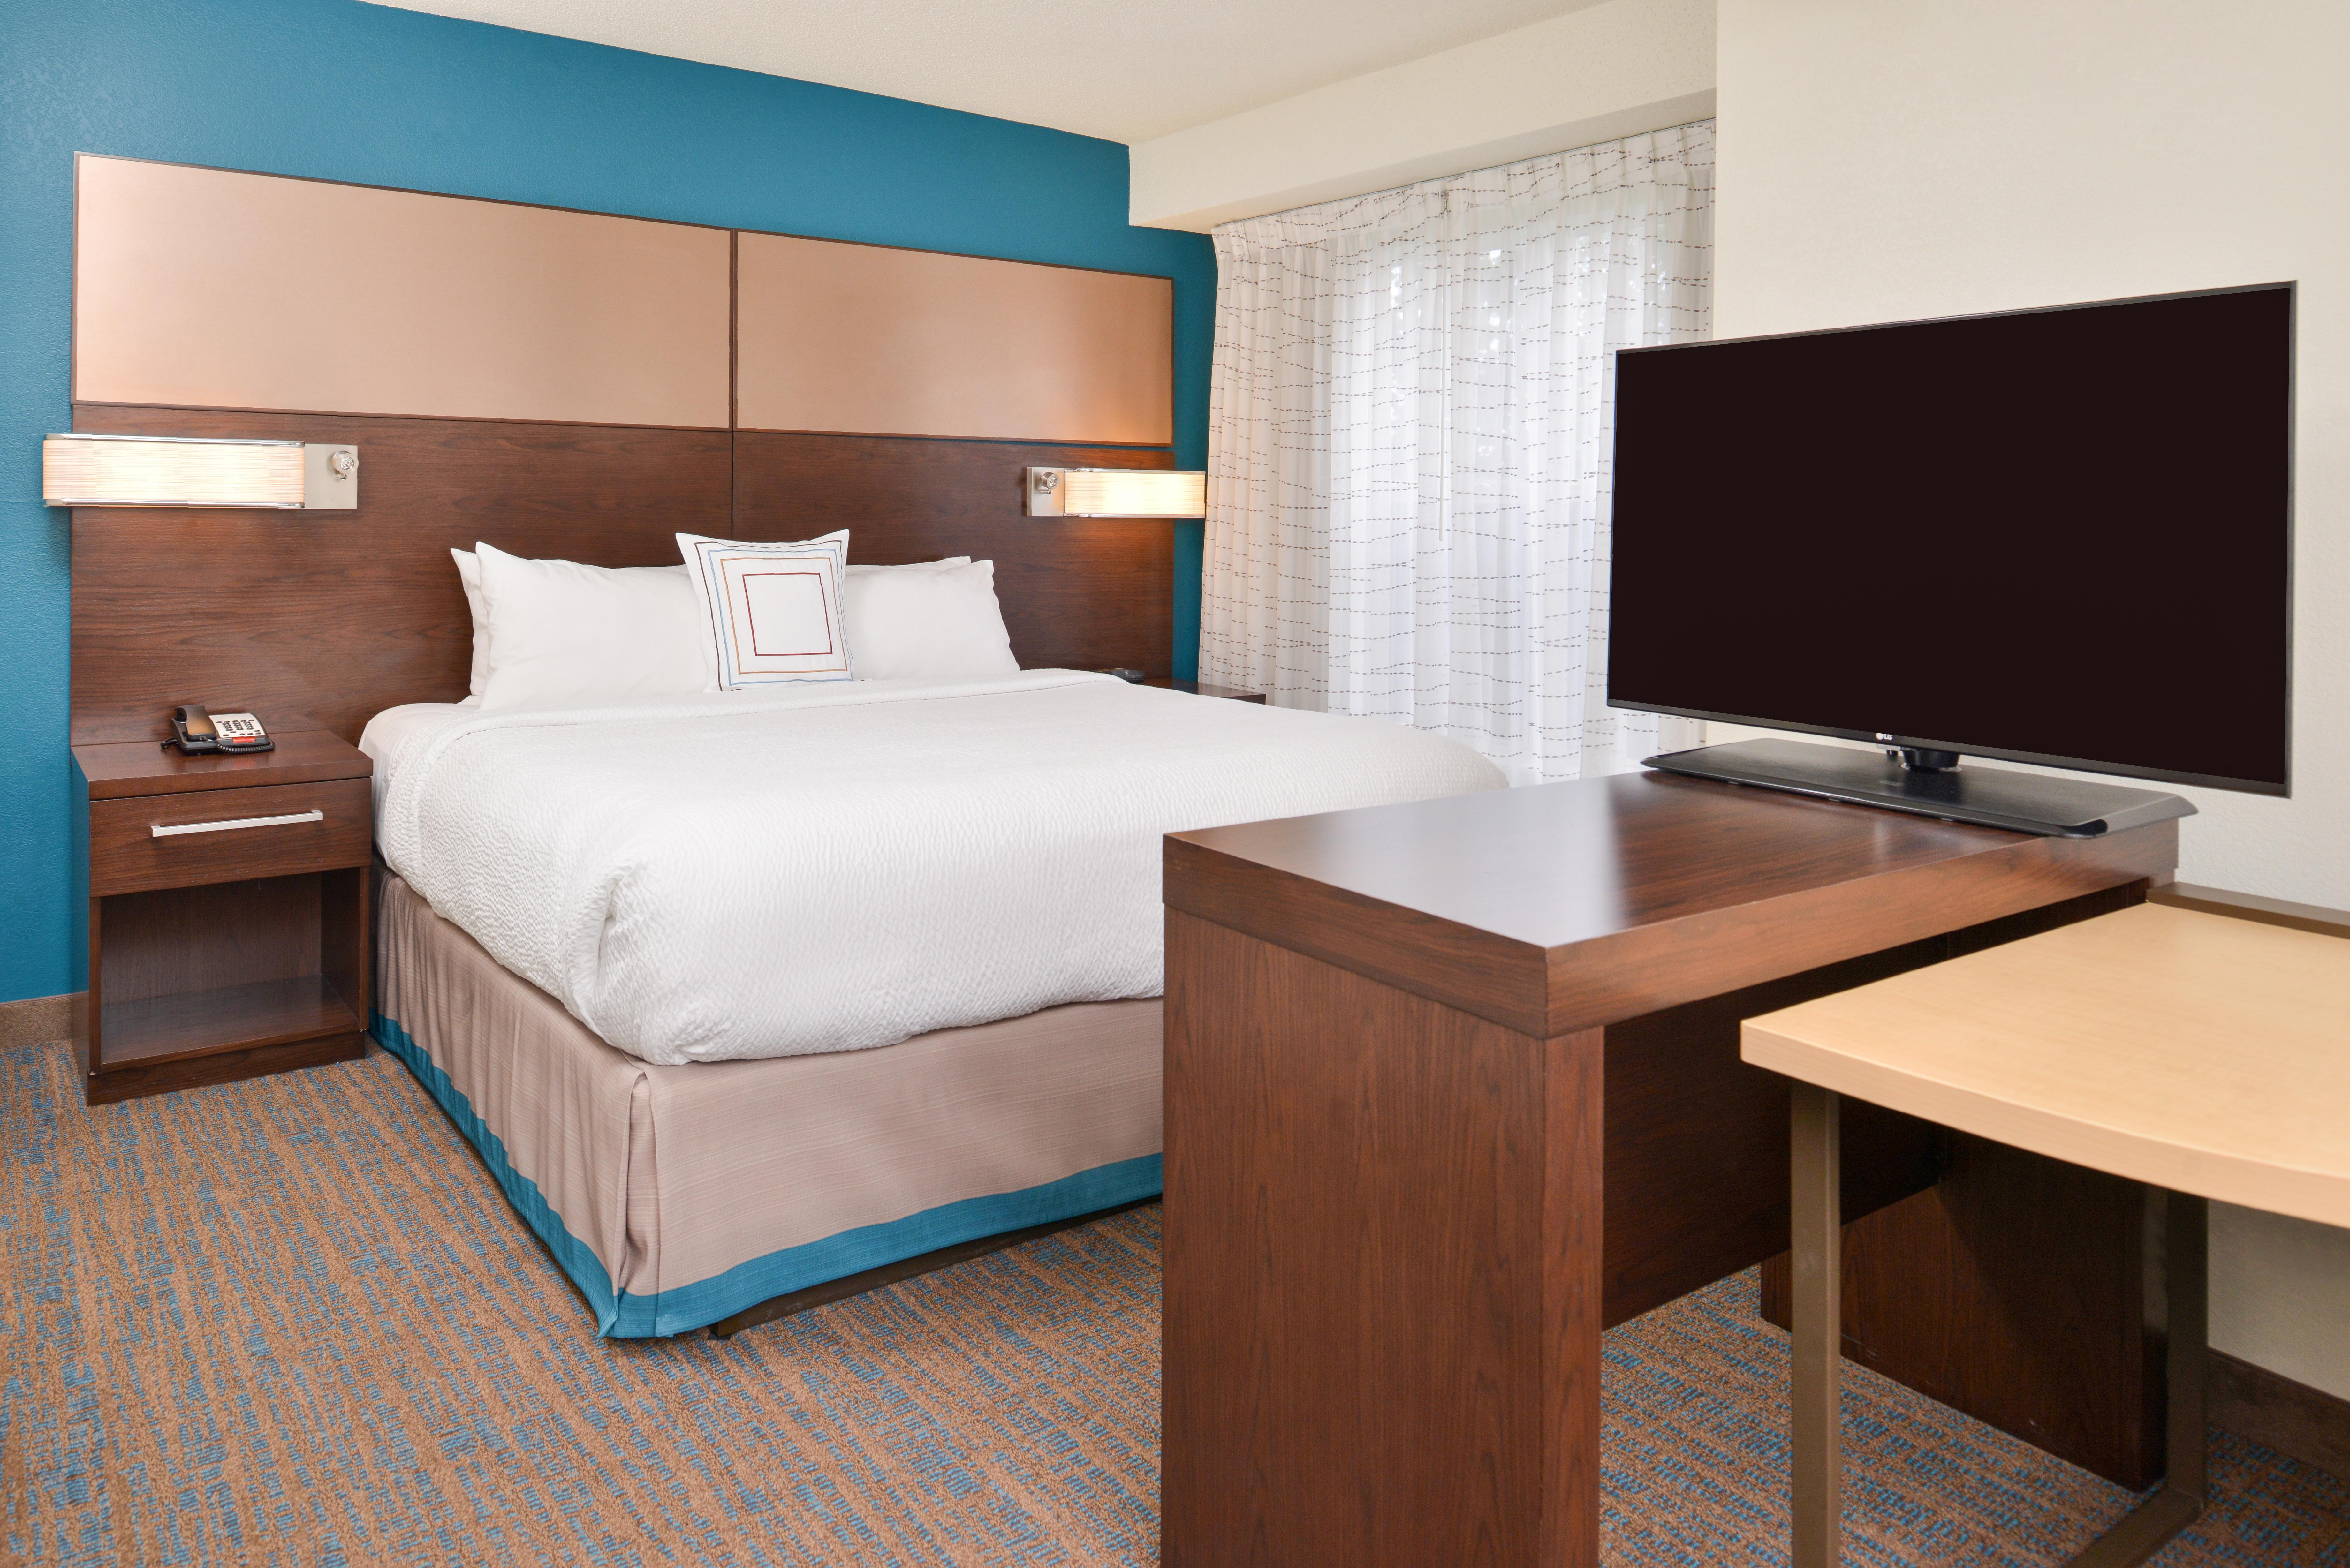 Residence Inn by Marriott Branson image 17